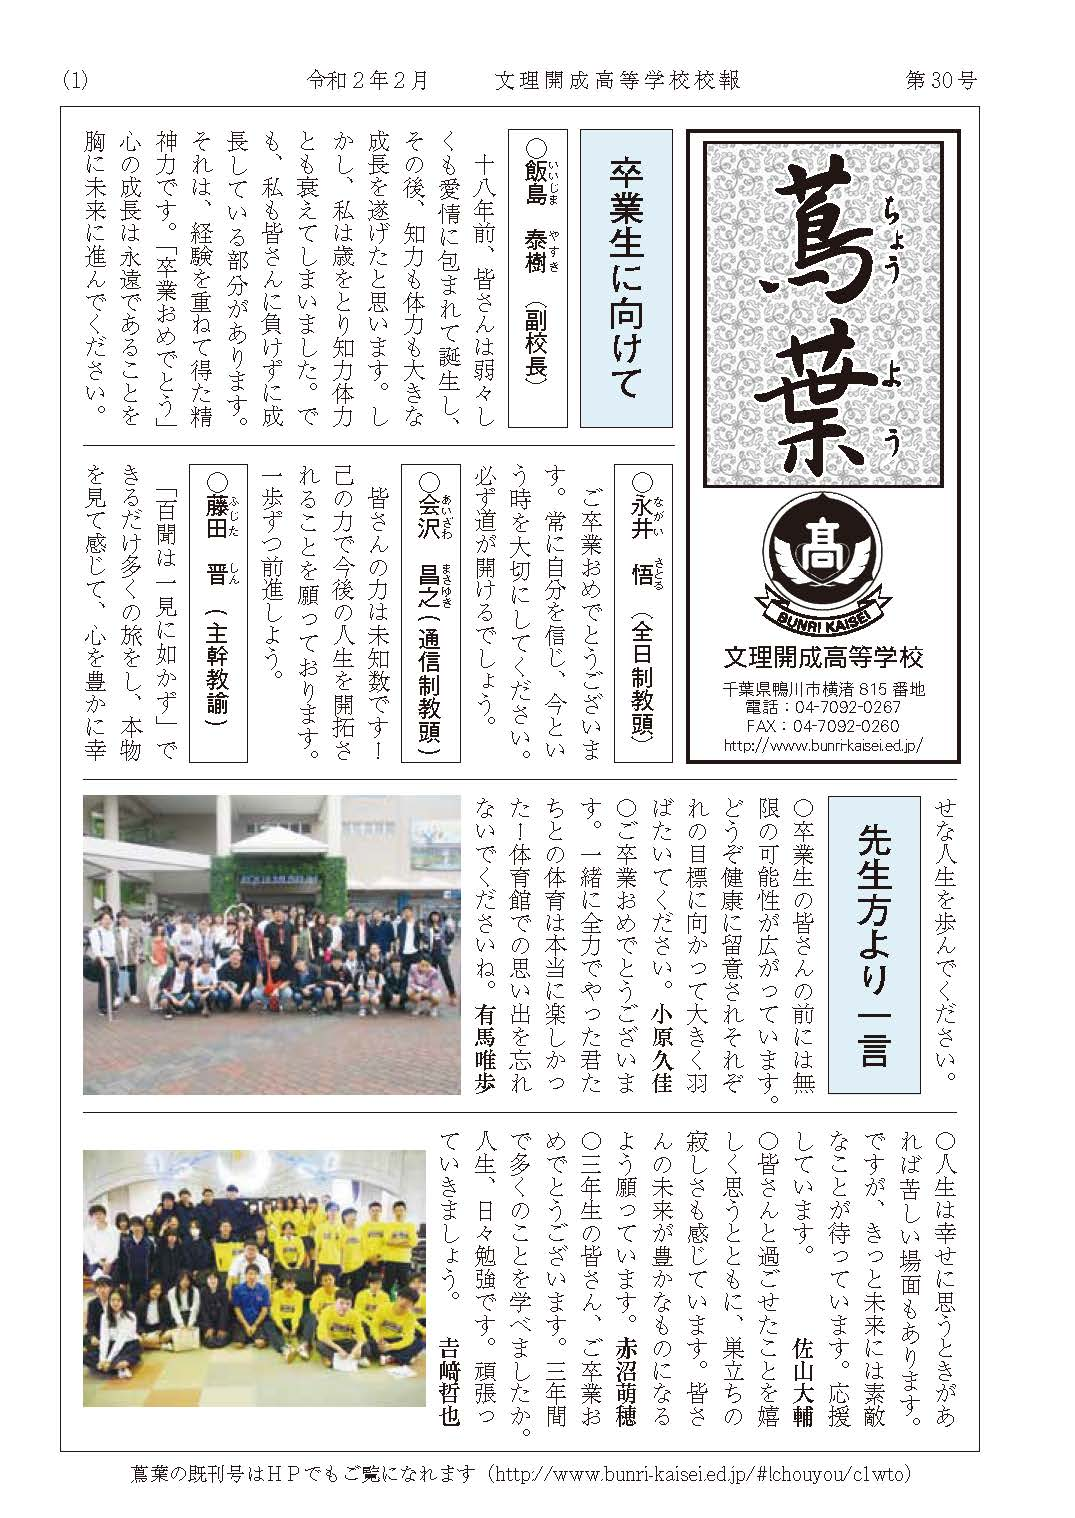 鴨川令徳高等学校 蔦葉30号